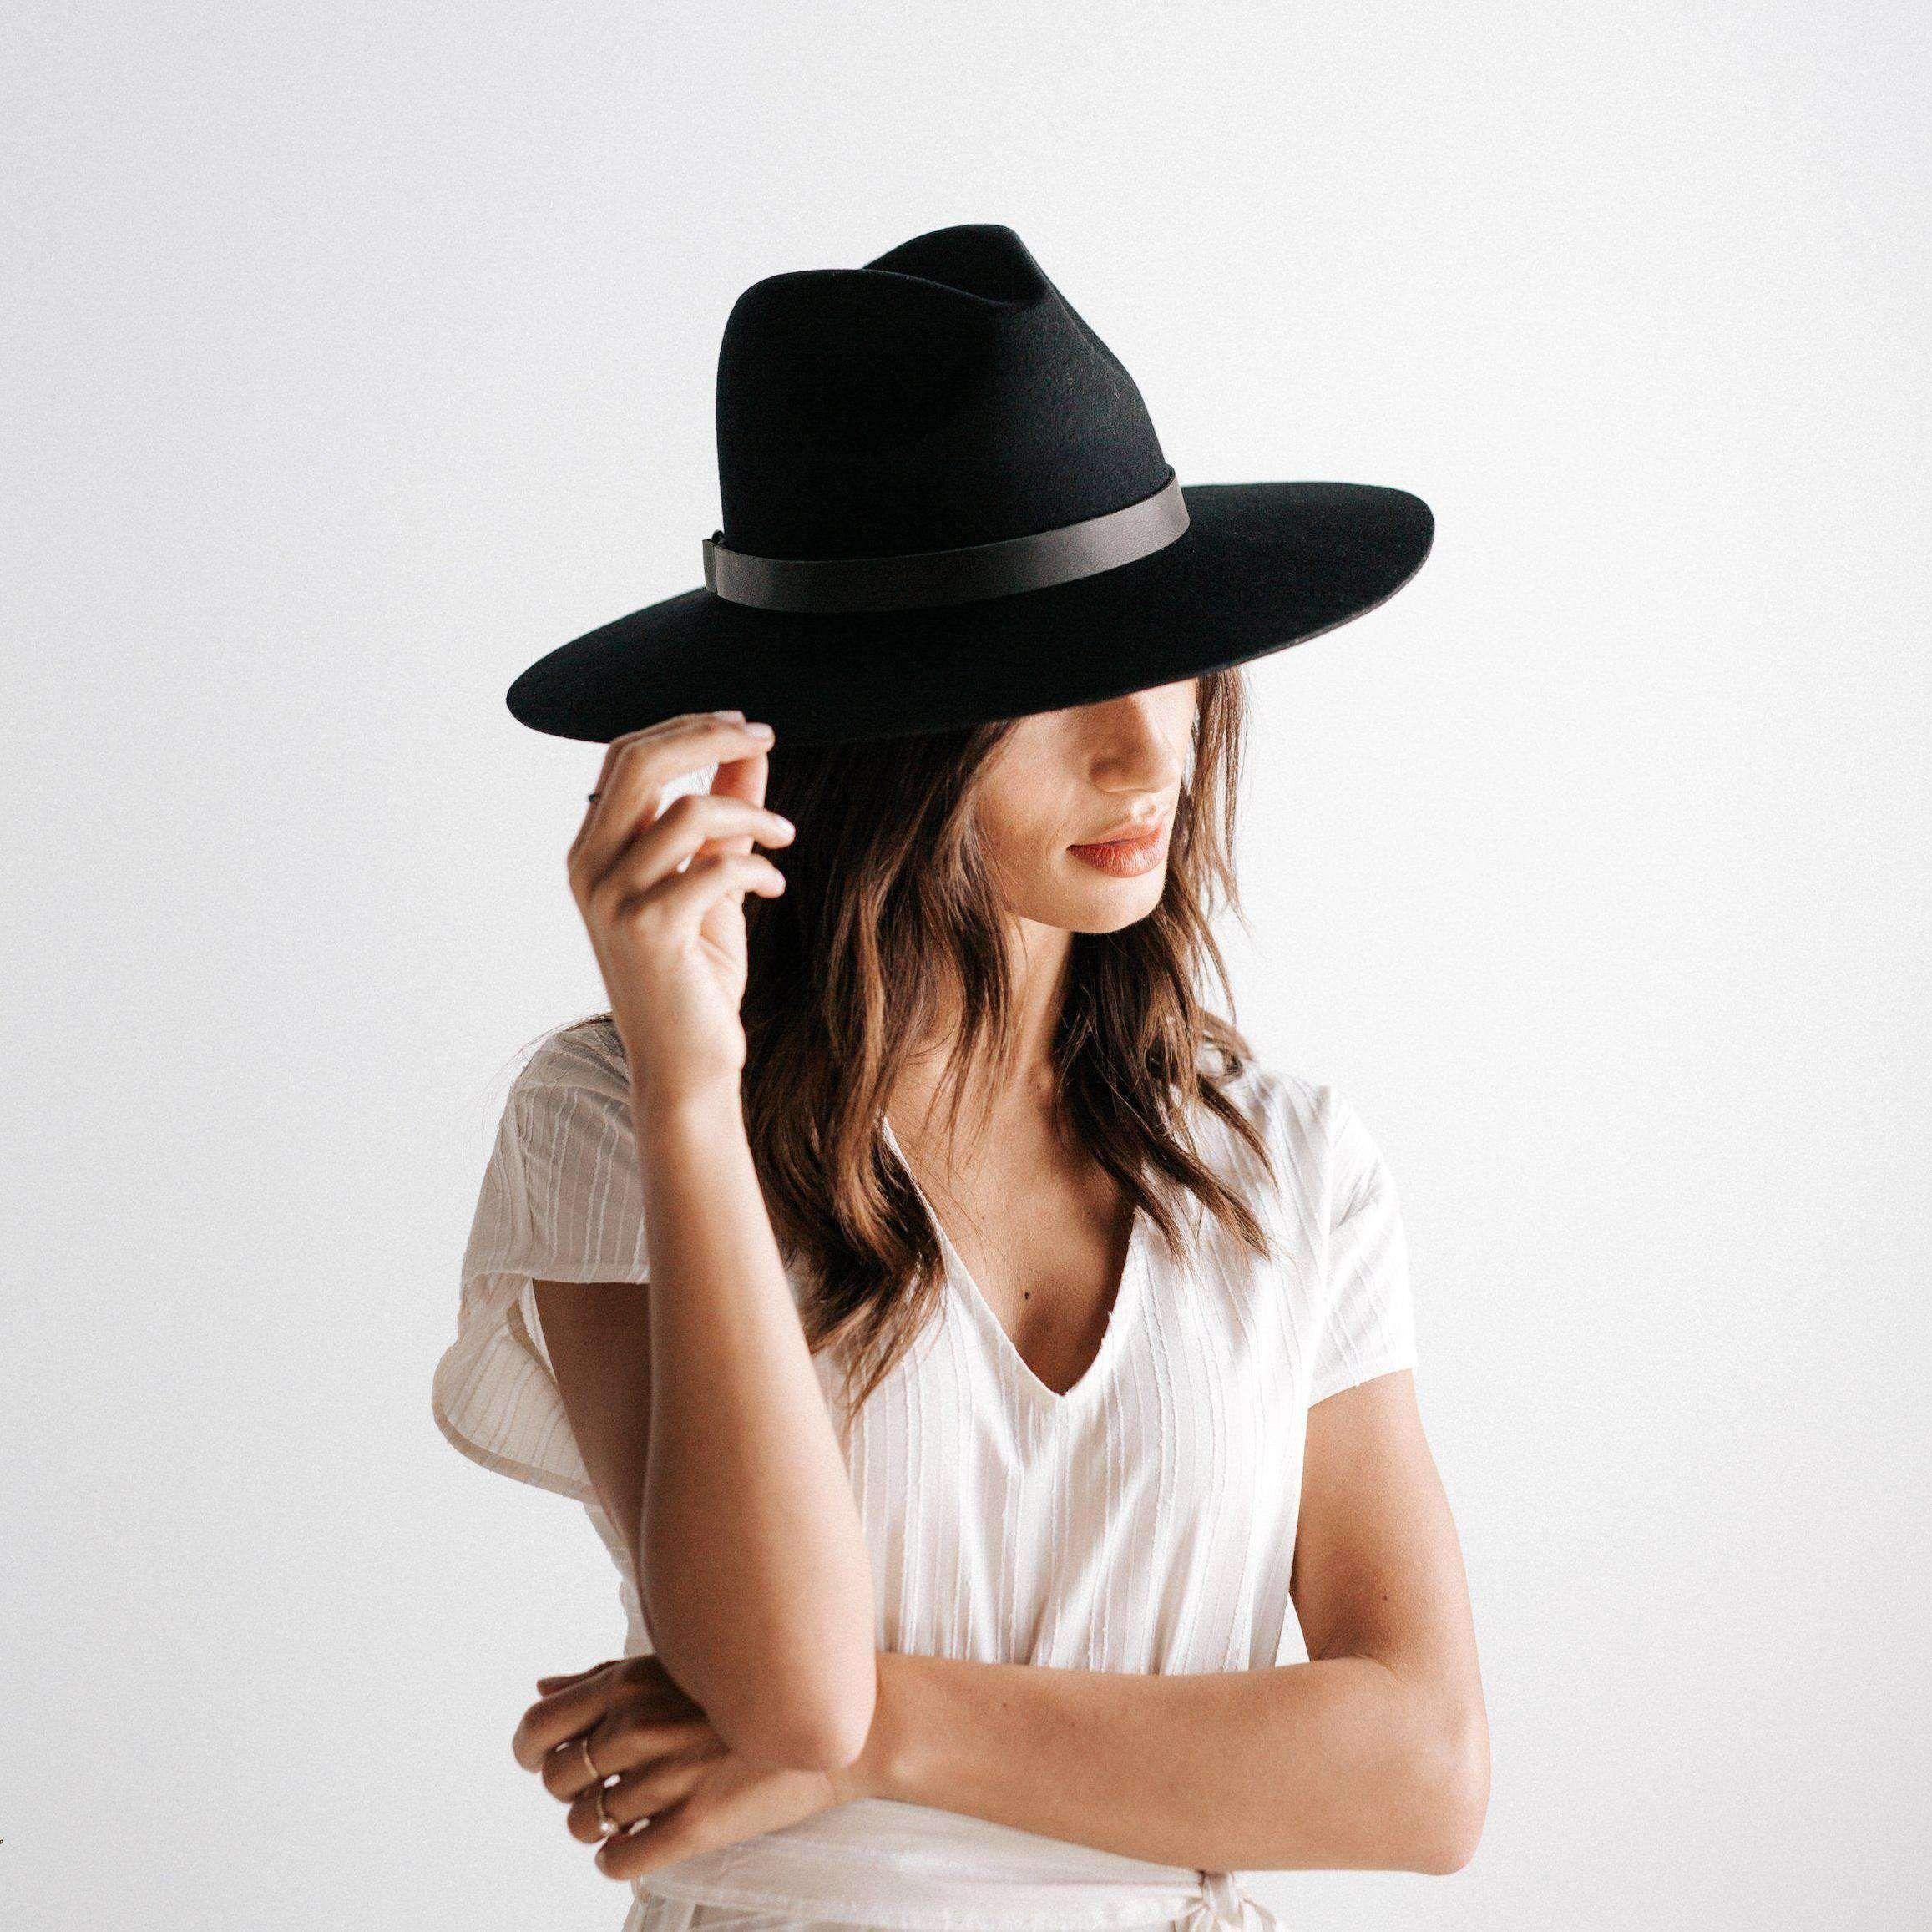 Scottie Wide Brim Fedora Black Hat Fashion Wide Brim Fedora Hats For Women